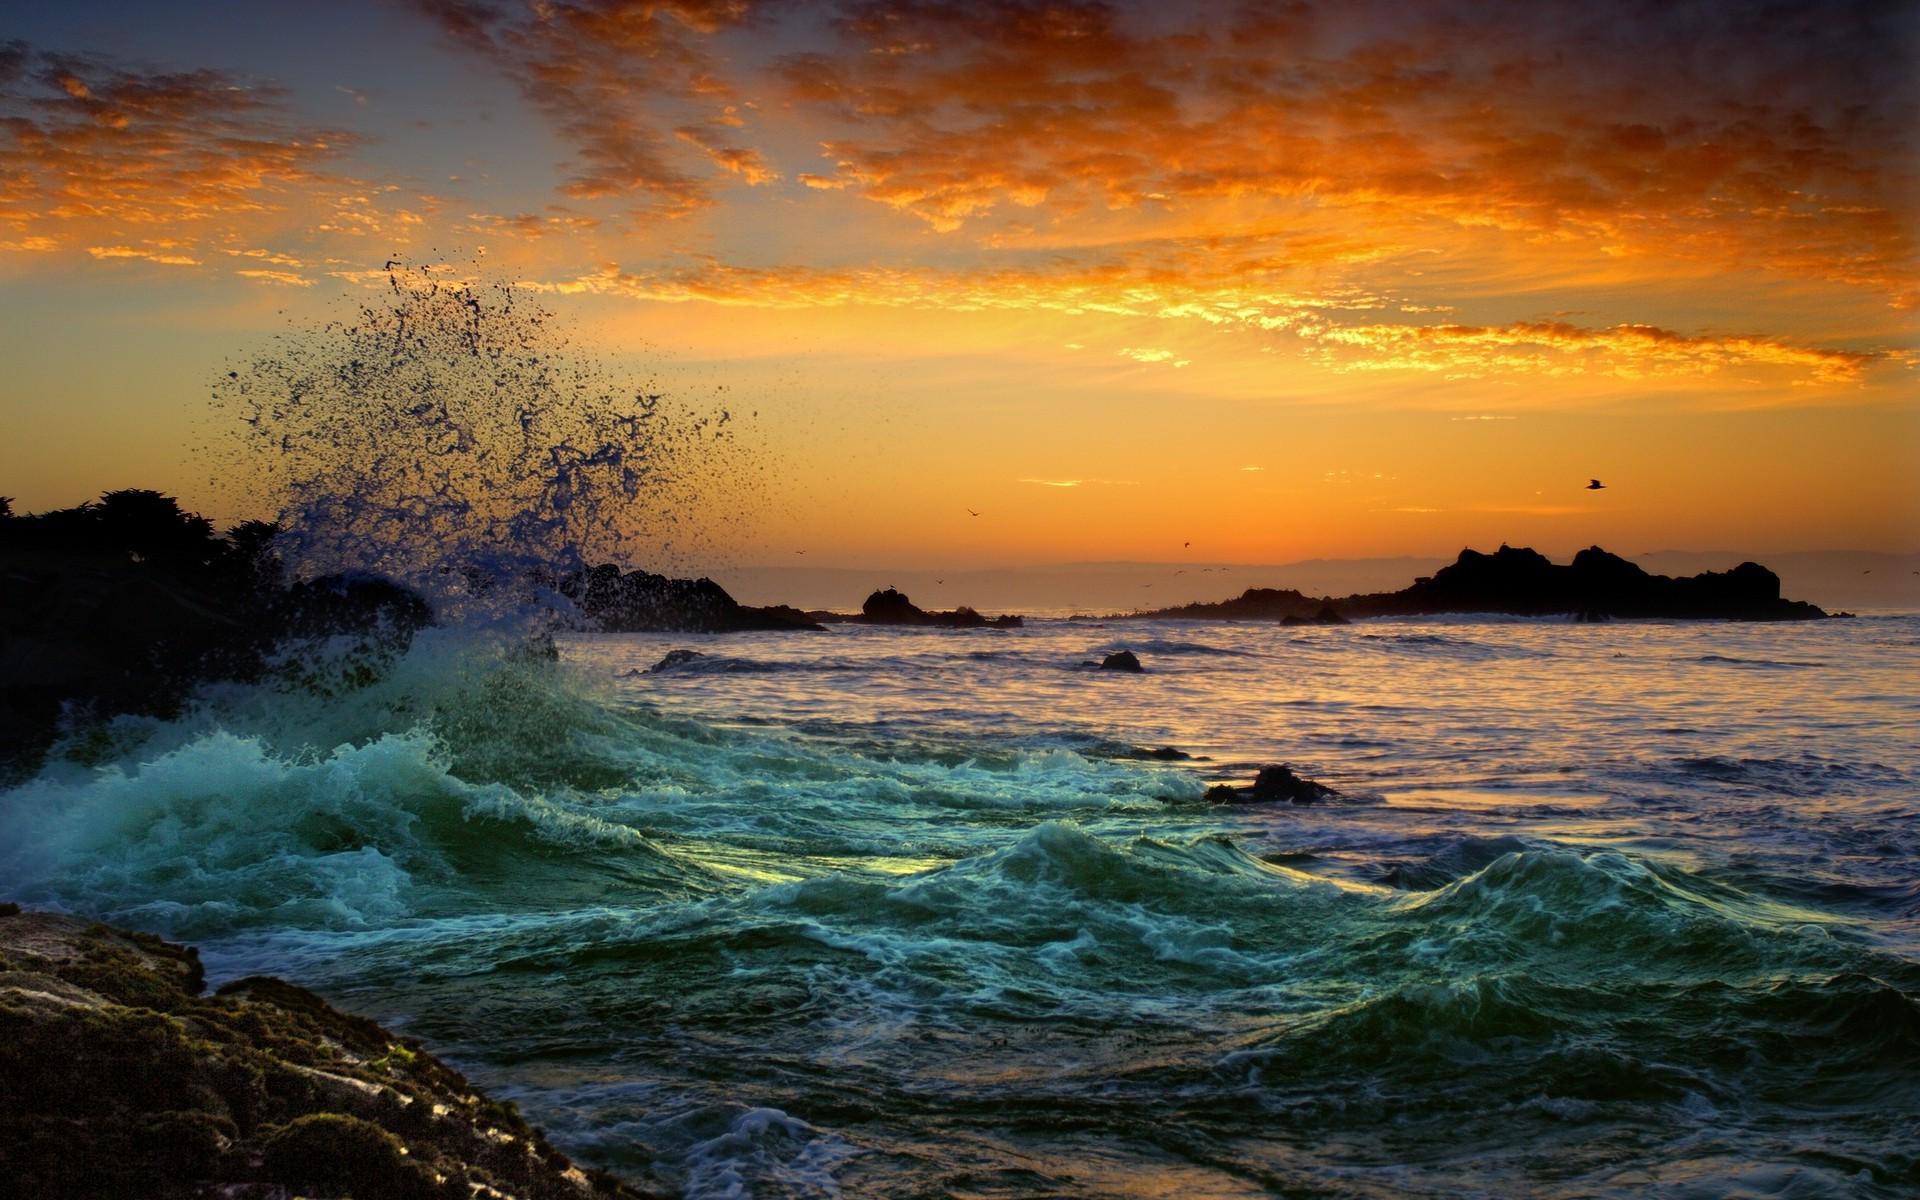 сша разноцветное море картинки это